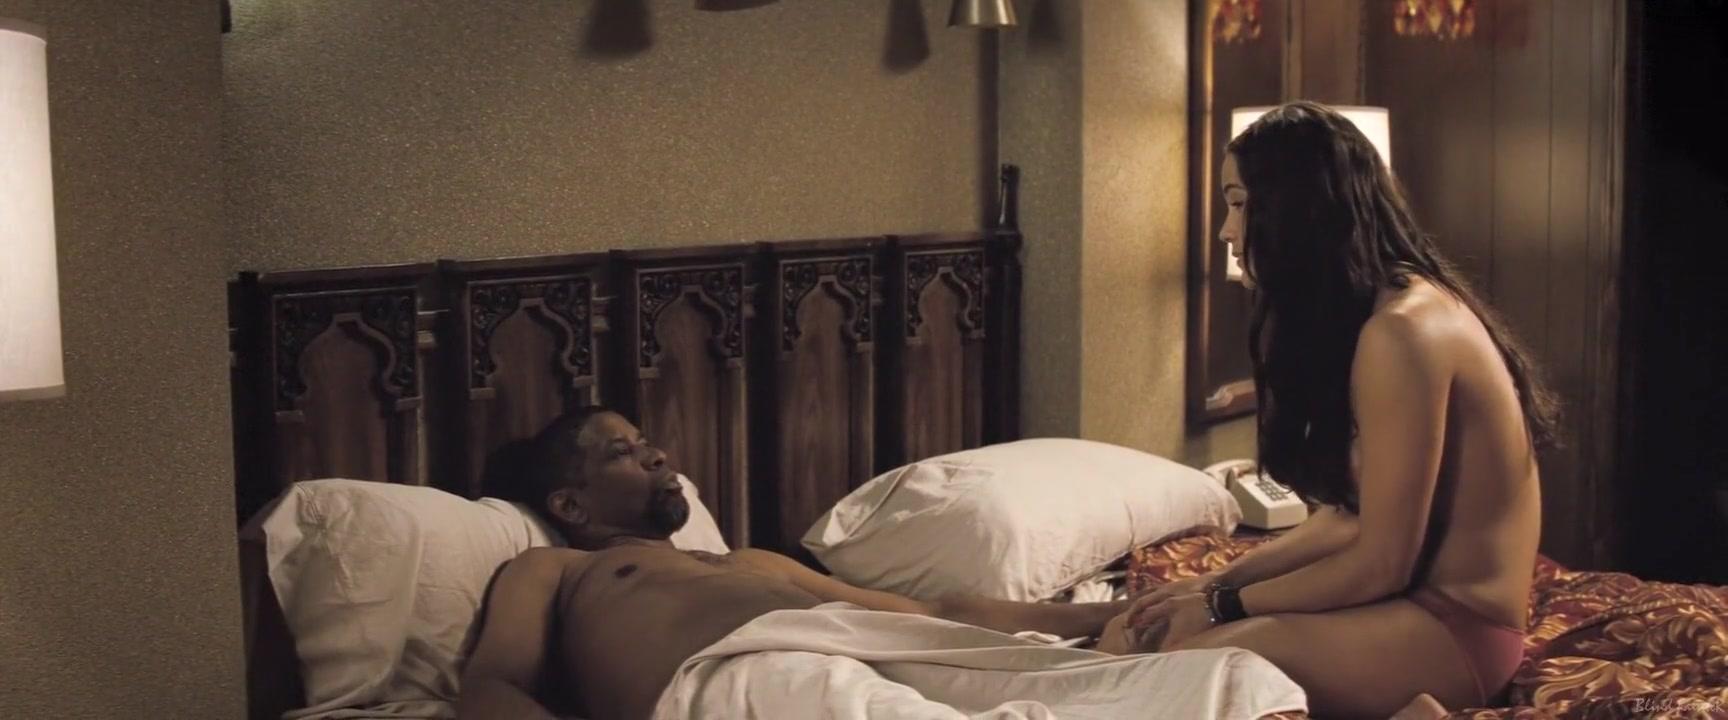 Filme sorte no amor online dating Nude photos